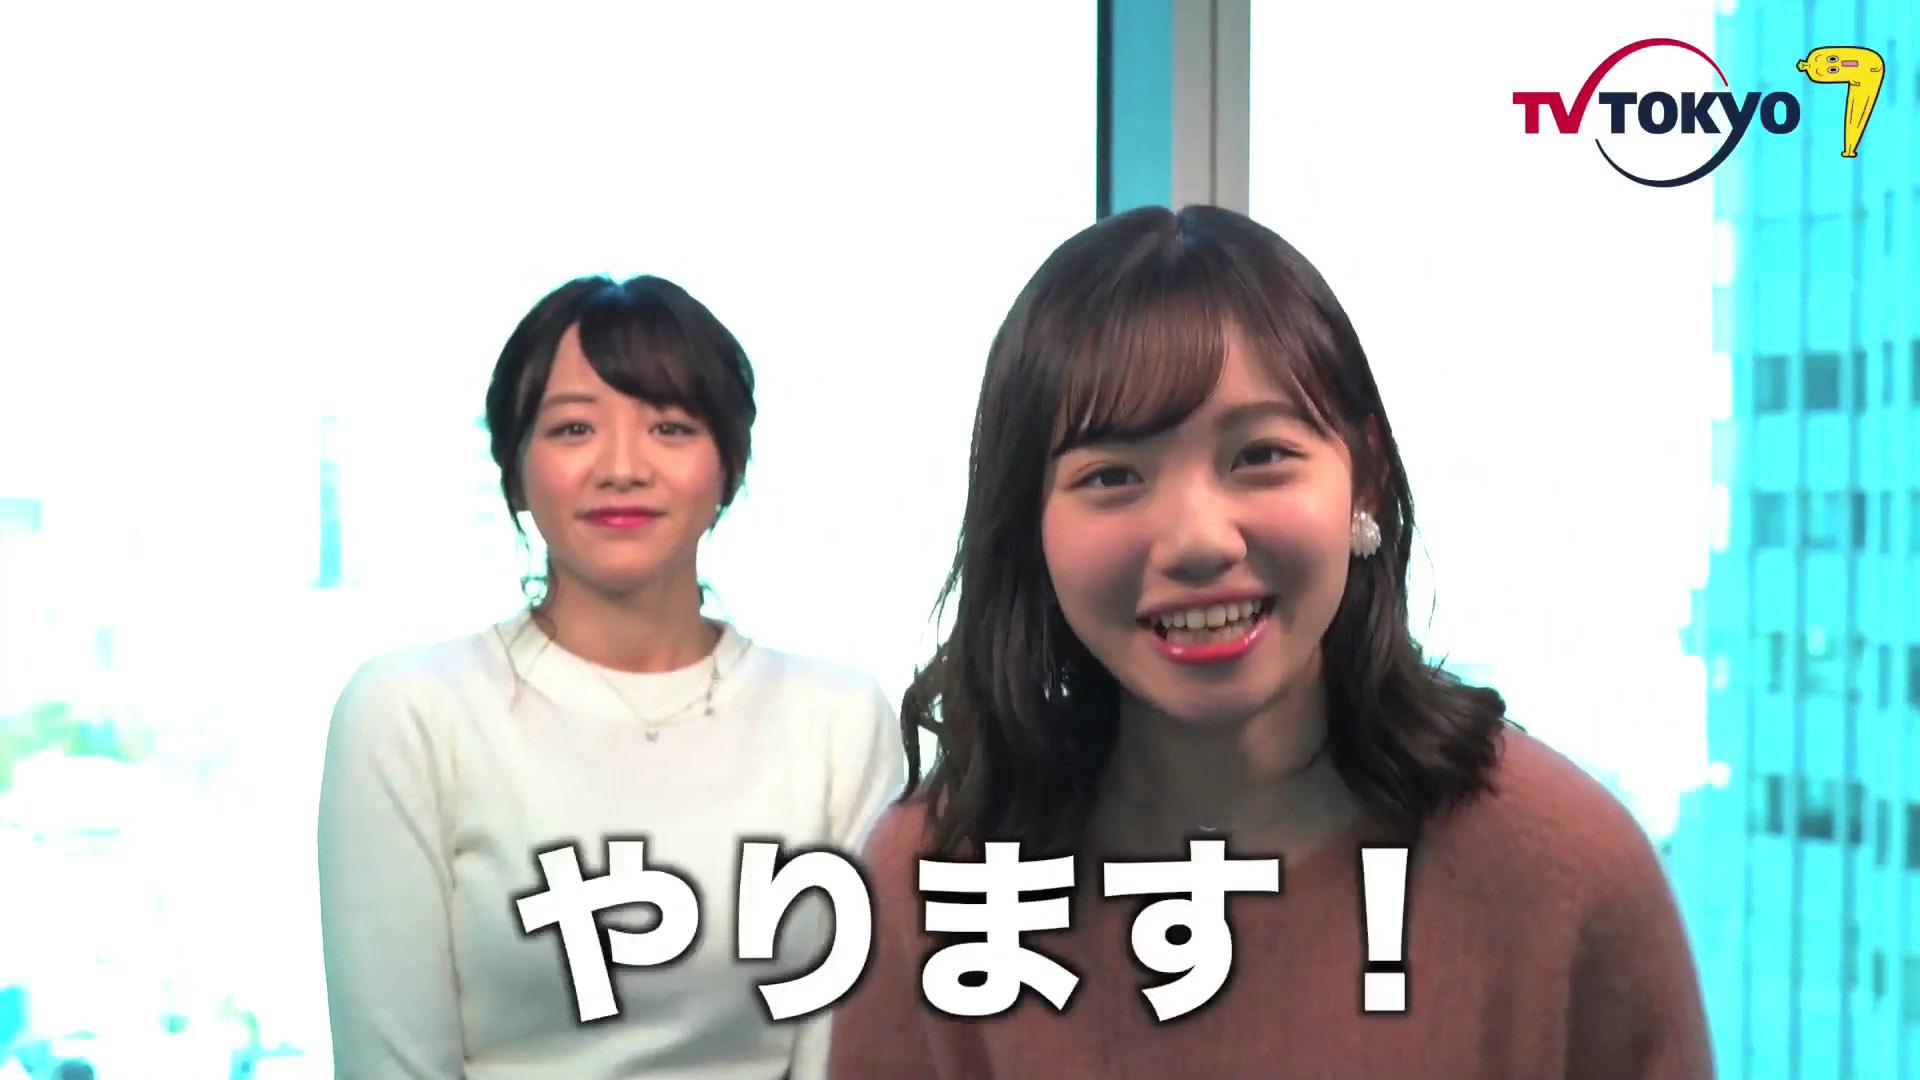 森香澄_田中瞳_女子アナ_テレ東_テレビキャプ画像_05